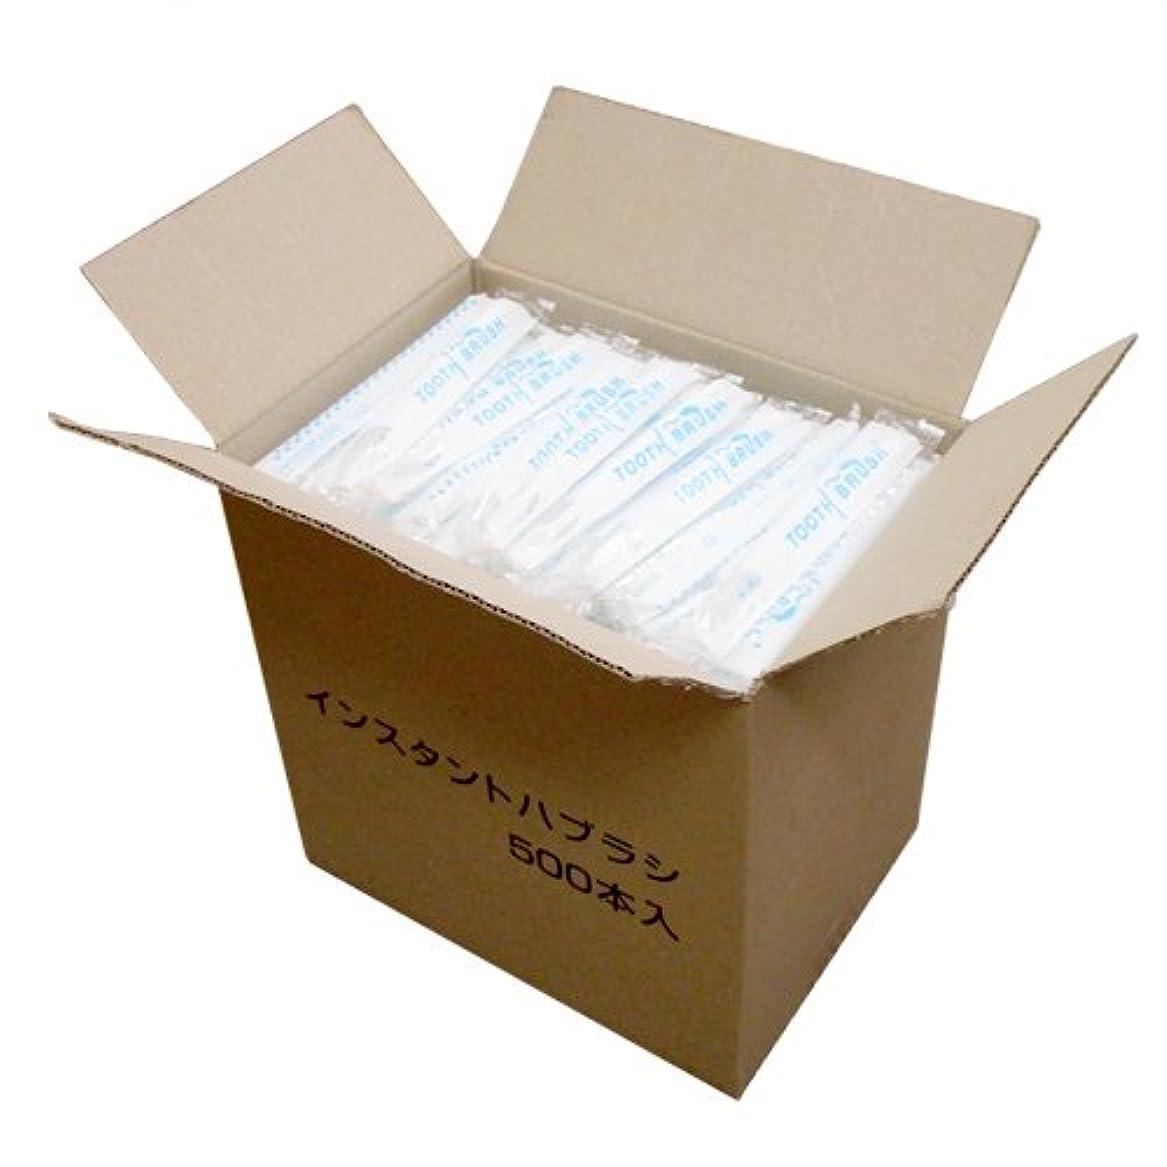 かんがい連結するビール業務用 日本製 使い捨て粉付き歯ブラシ 個包装タイプ 500本入×1箱│ホテルアメニティ